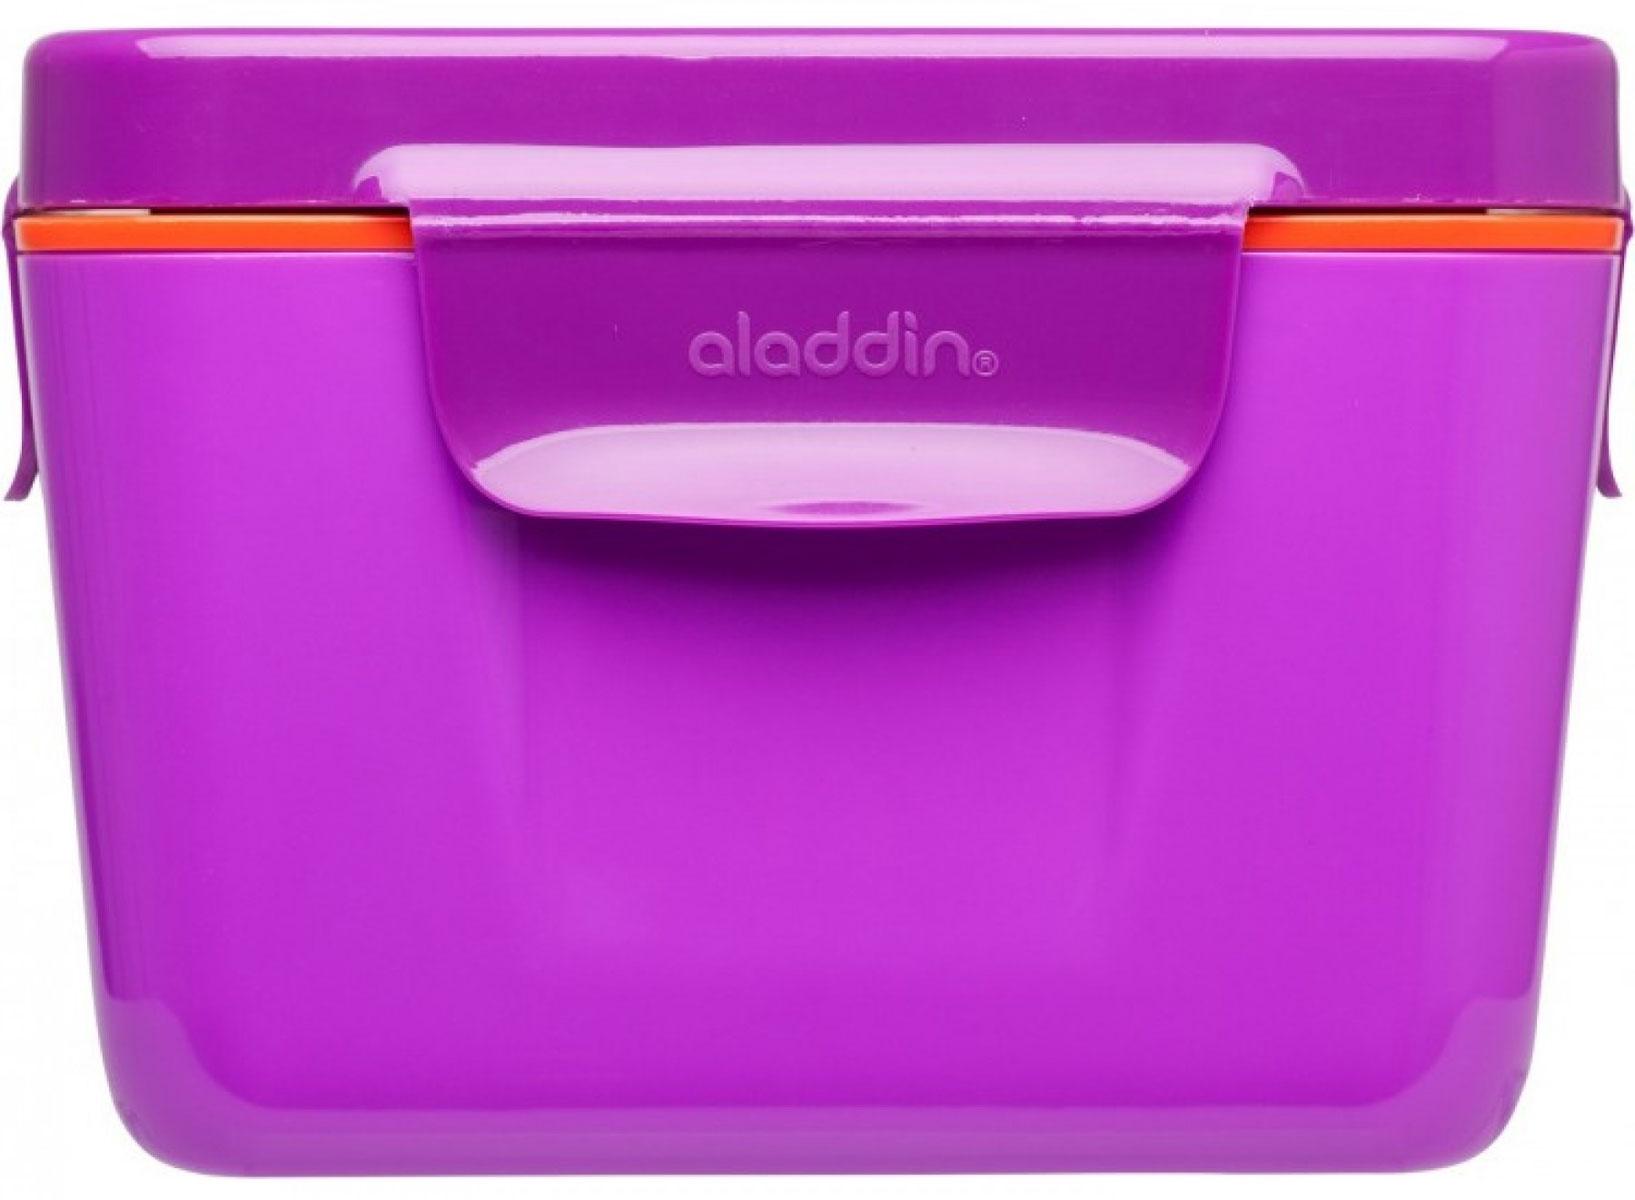 Ланч-бокс Aladdin Bento, цвет: фиолетовый, 0,71 л бокс рский мешок не наполненный